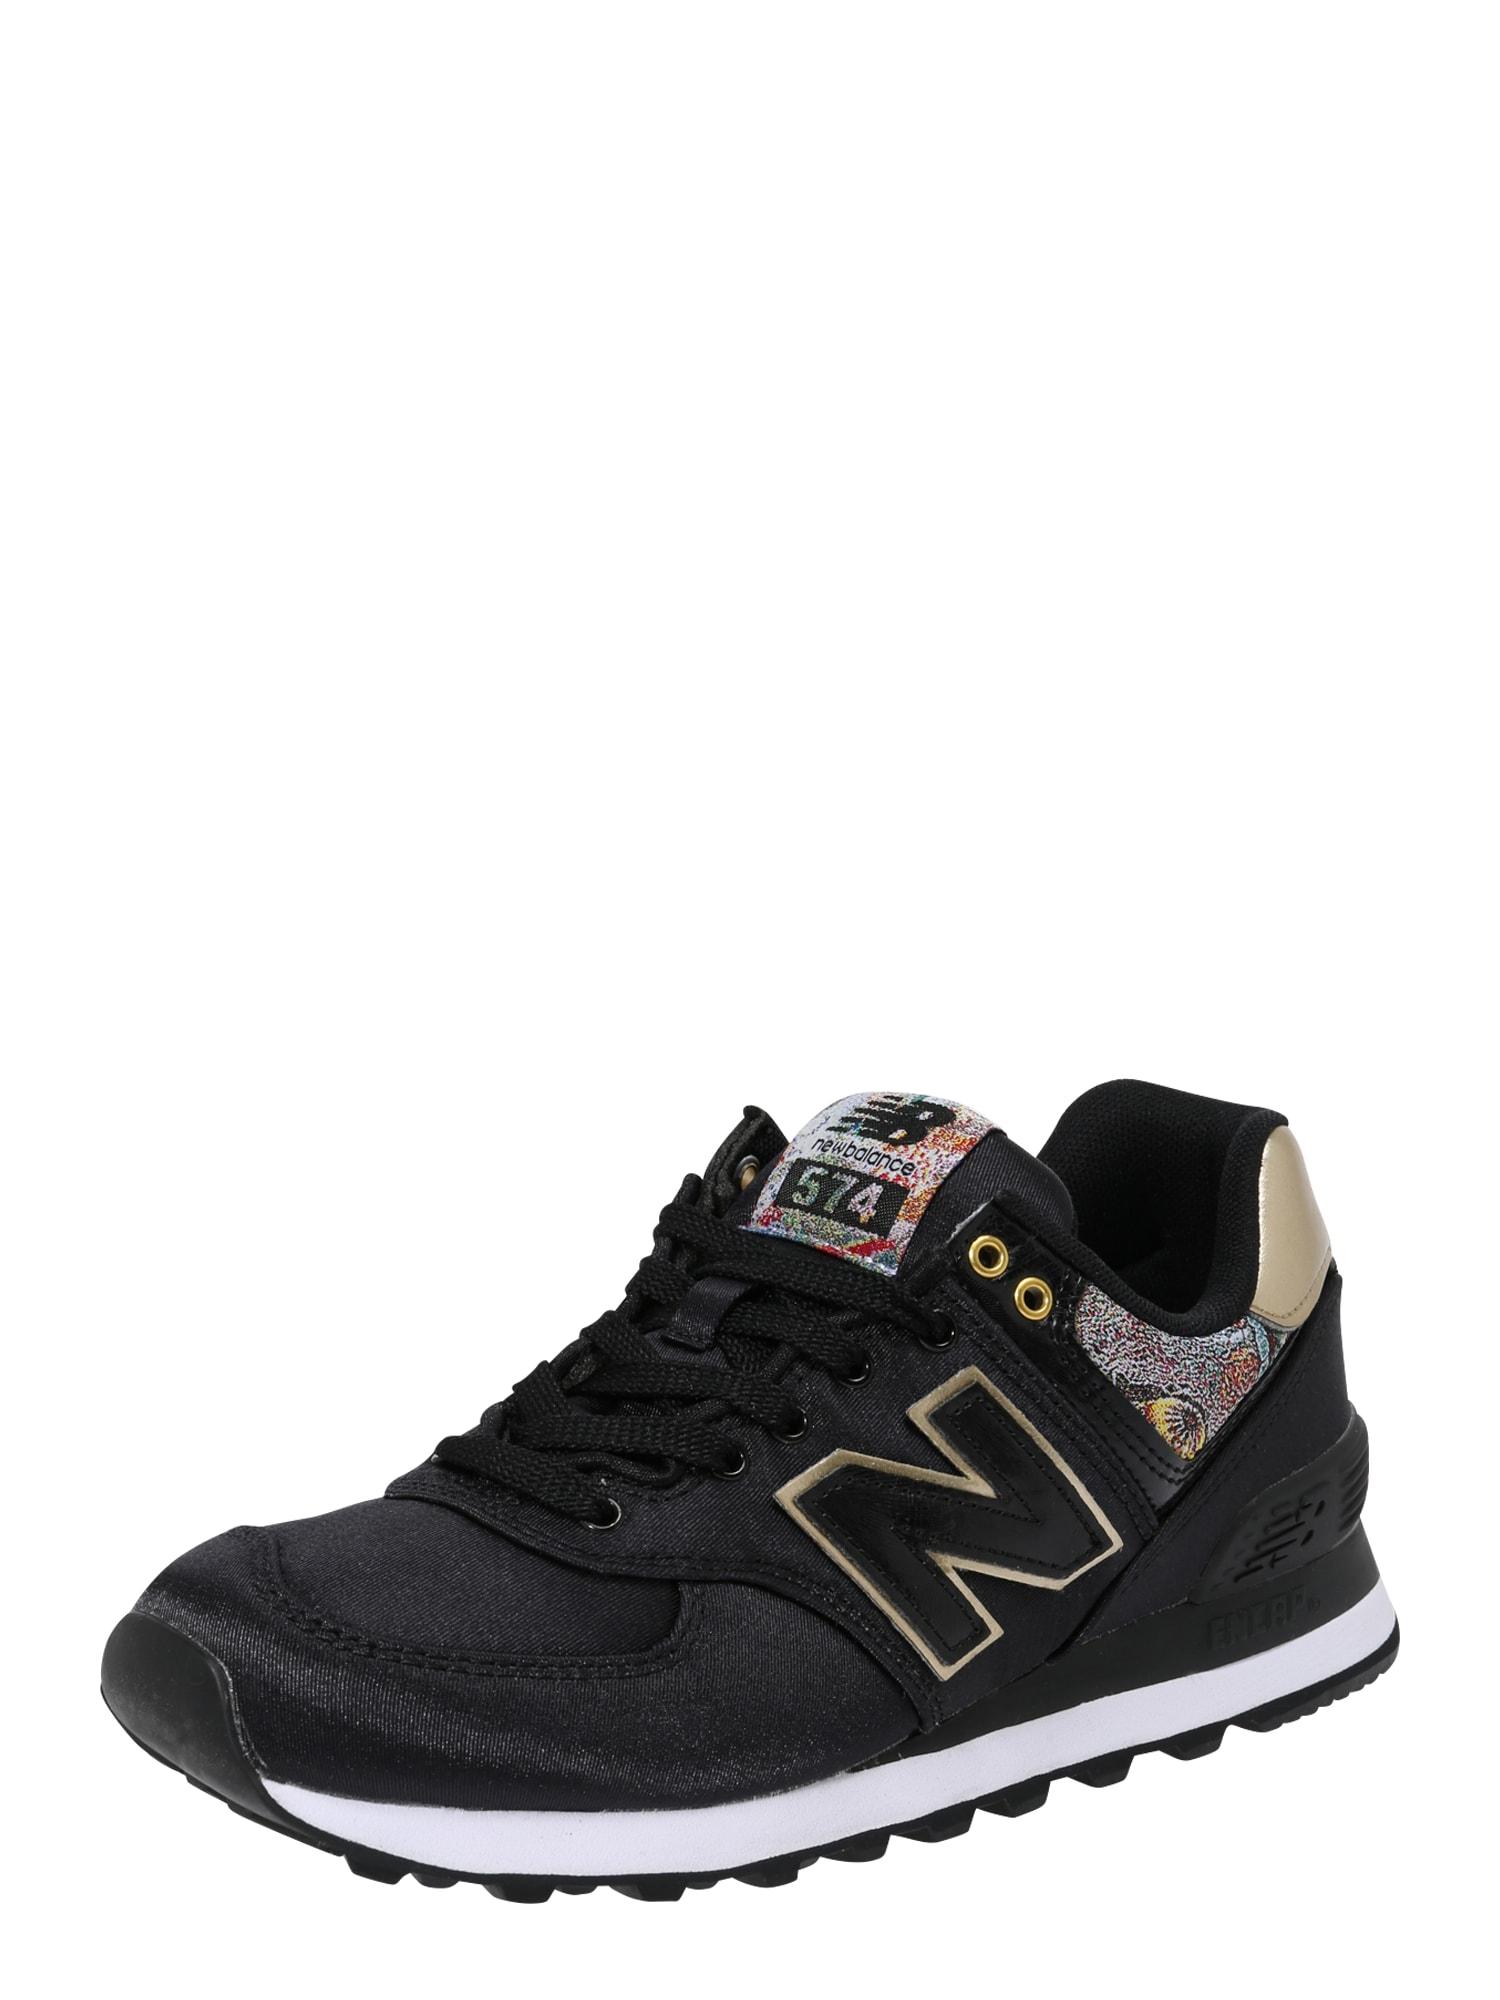 Tenisky WL574-B zlatá mix barev černá New Balance